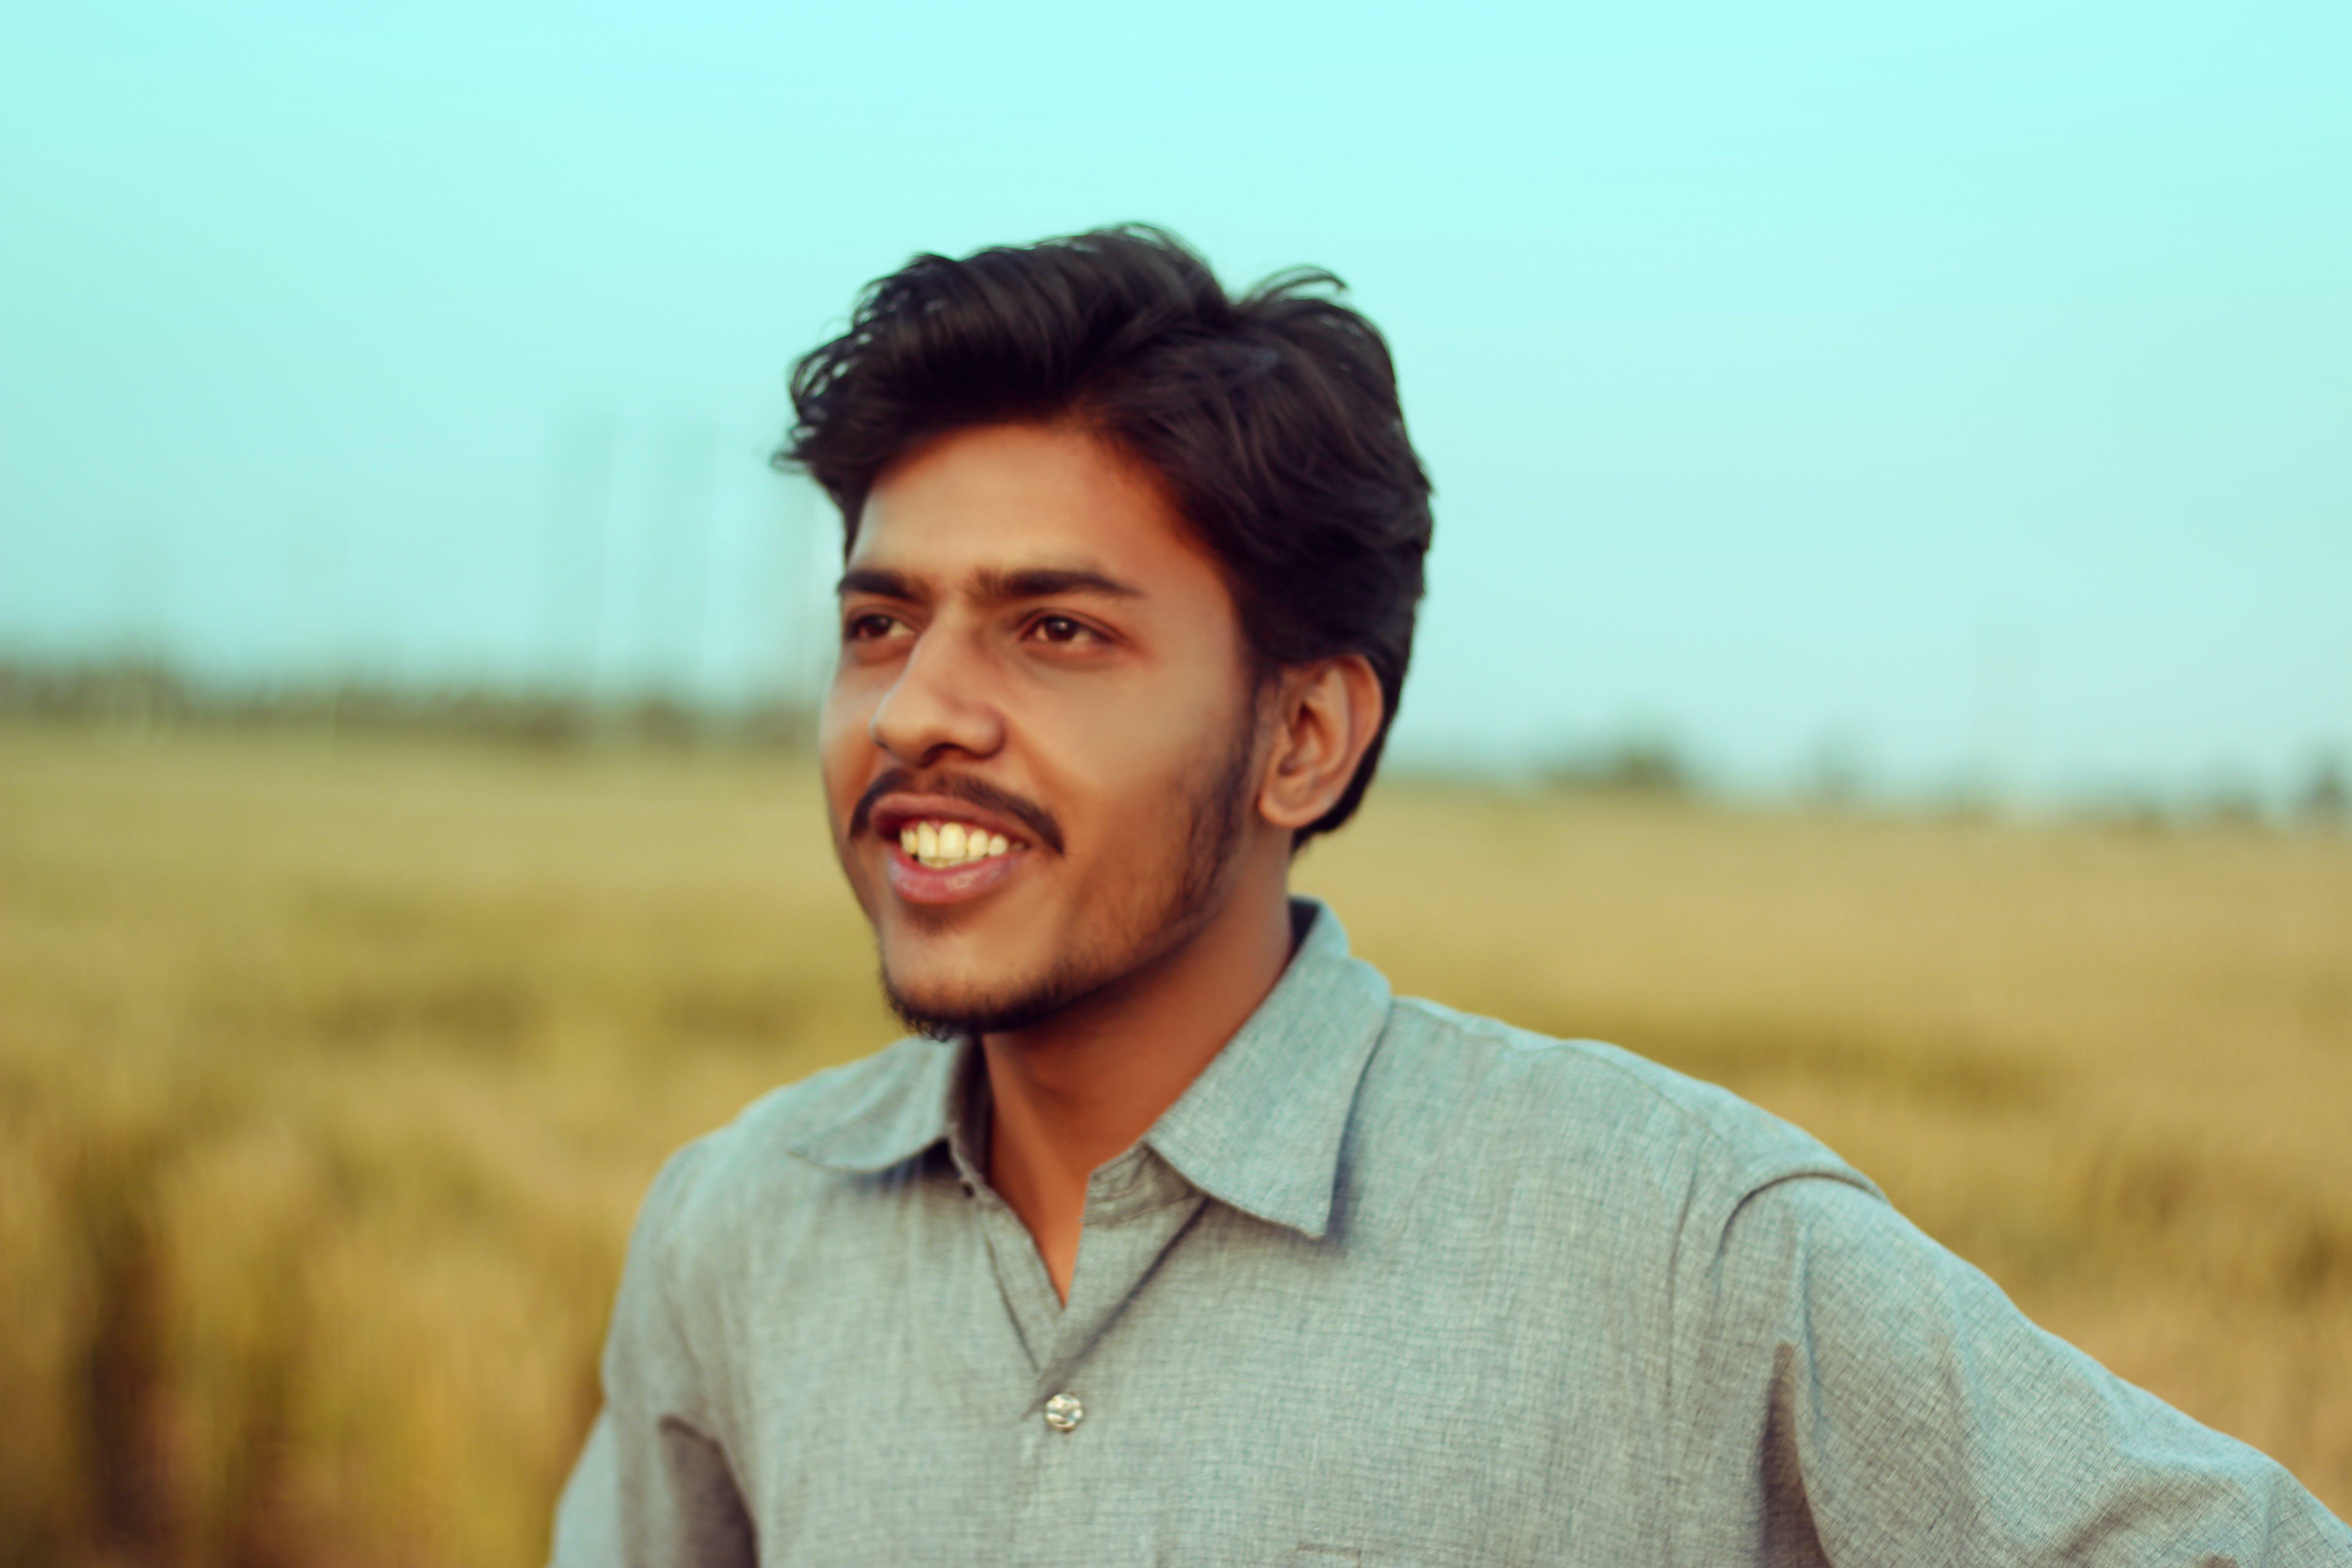 Δωρεάν στοκ φωτογραφιών με smile.teeth, vinatge, γήπεδο, ινδικός